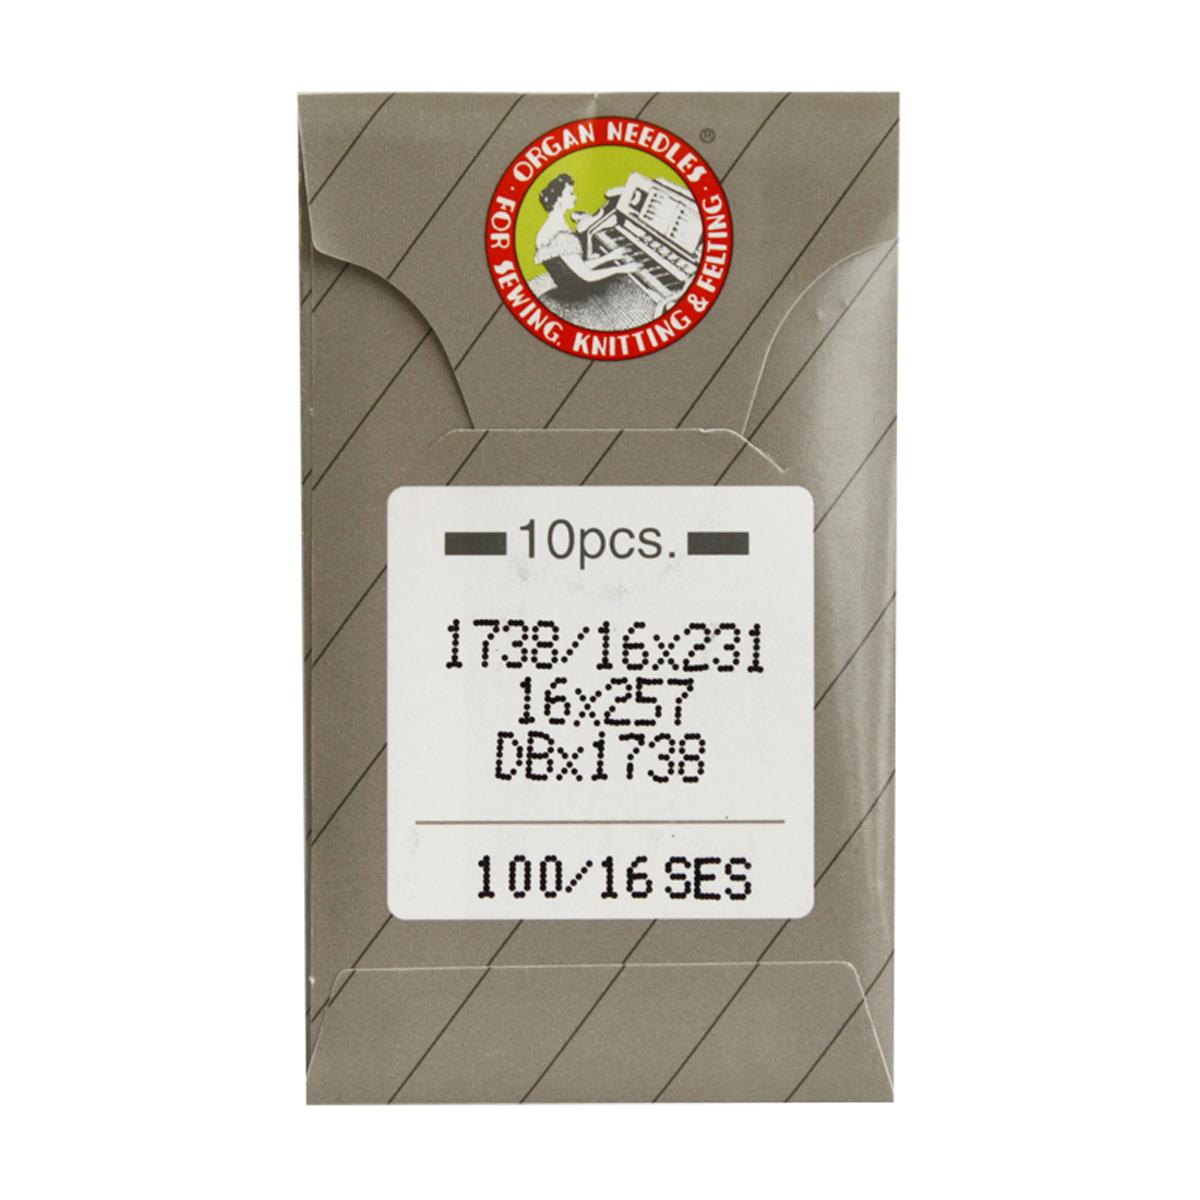 Иглы для промышленных швейных машин Organ, DBx1/100 SES, 10 шт110.40Иглы для промышленных швейных машин Organ с маркировкой DBx1 предназначены для прямострочных швейных машин. Иглы используются для пошива трикотажа (SES). Острие игл тонкое, стандартное.Предназначены для машин цепного стежка 10Б, 53, 810 классов и импортных аналогов. В промышленных машинах используются иглы с круглыми колбами, в отличие от игл бытовых машин, у которых колбы плоские. Круглая колба позволяет при наладке машины и установке иглы поворачивать (вращать) иглу, закрепляя ее в нужном положении. Диаметр колбы: 1,64 мм. Длина иглы: 33,9 мм. Номер игл: 100.